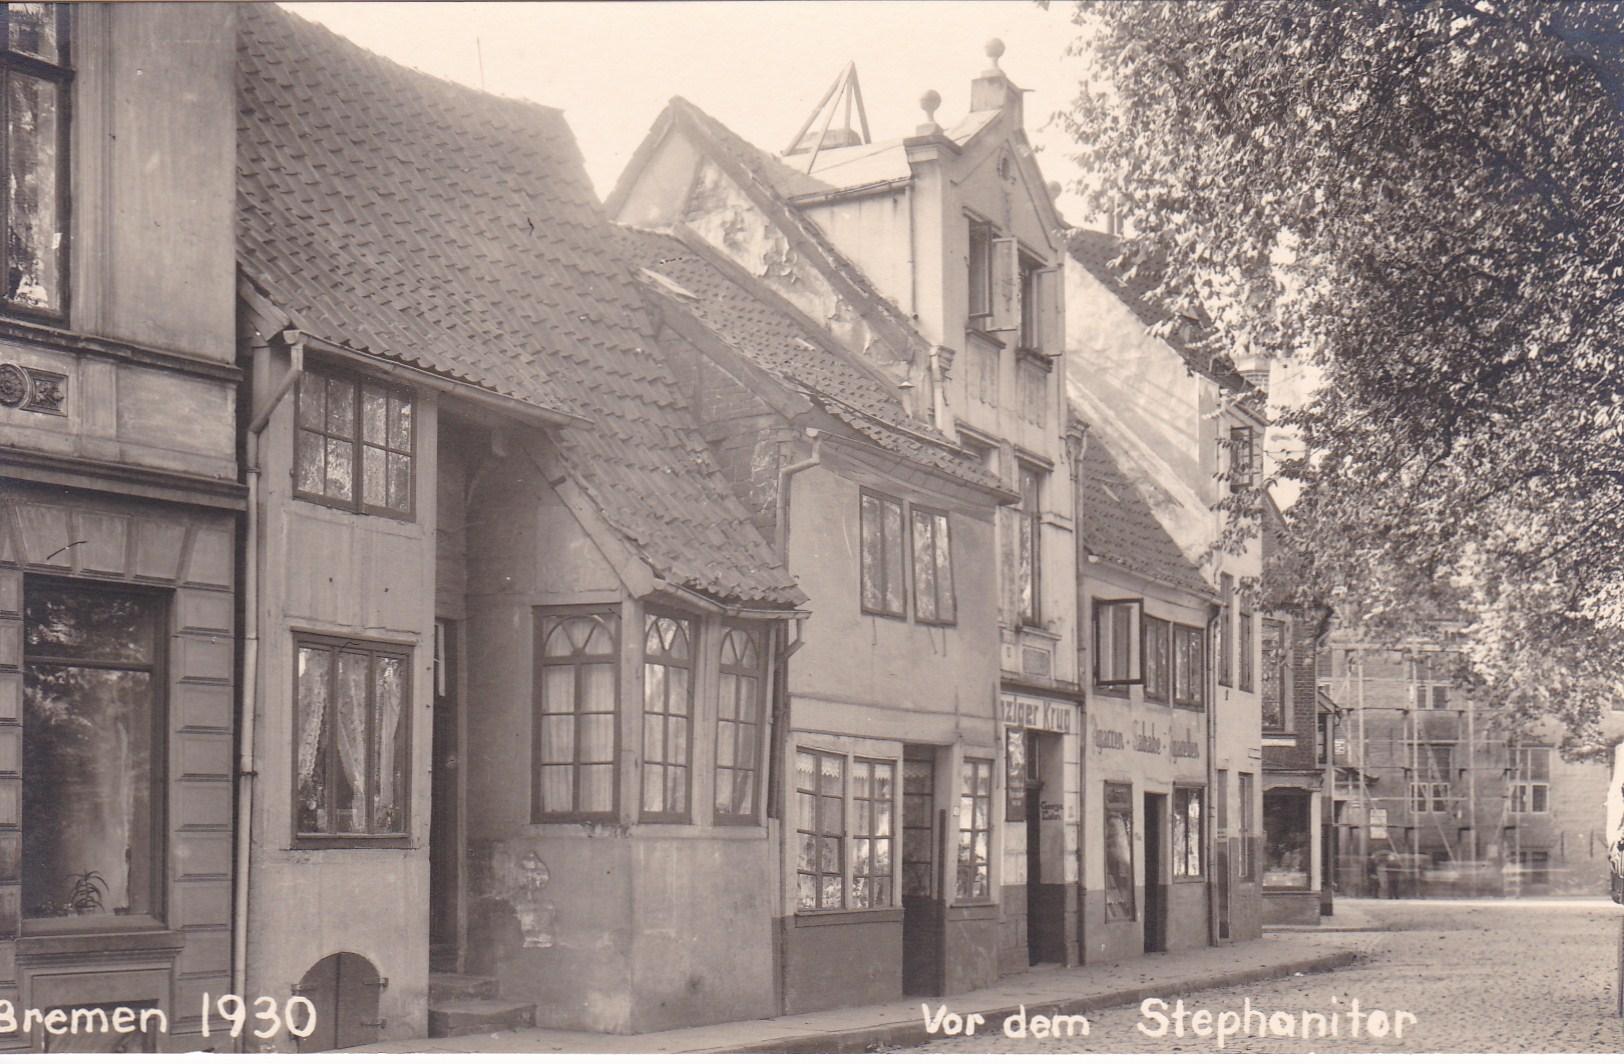 Hübsch, aber auch vernachlässigt: die Häuschen an der Straße Vor dem Stephanitor. Quelle: Privat